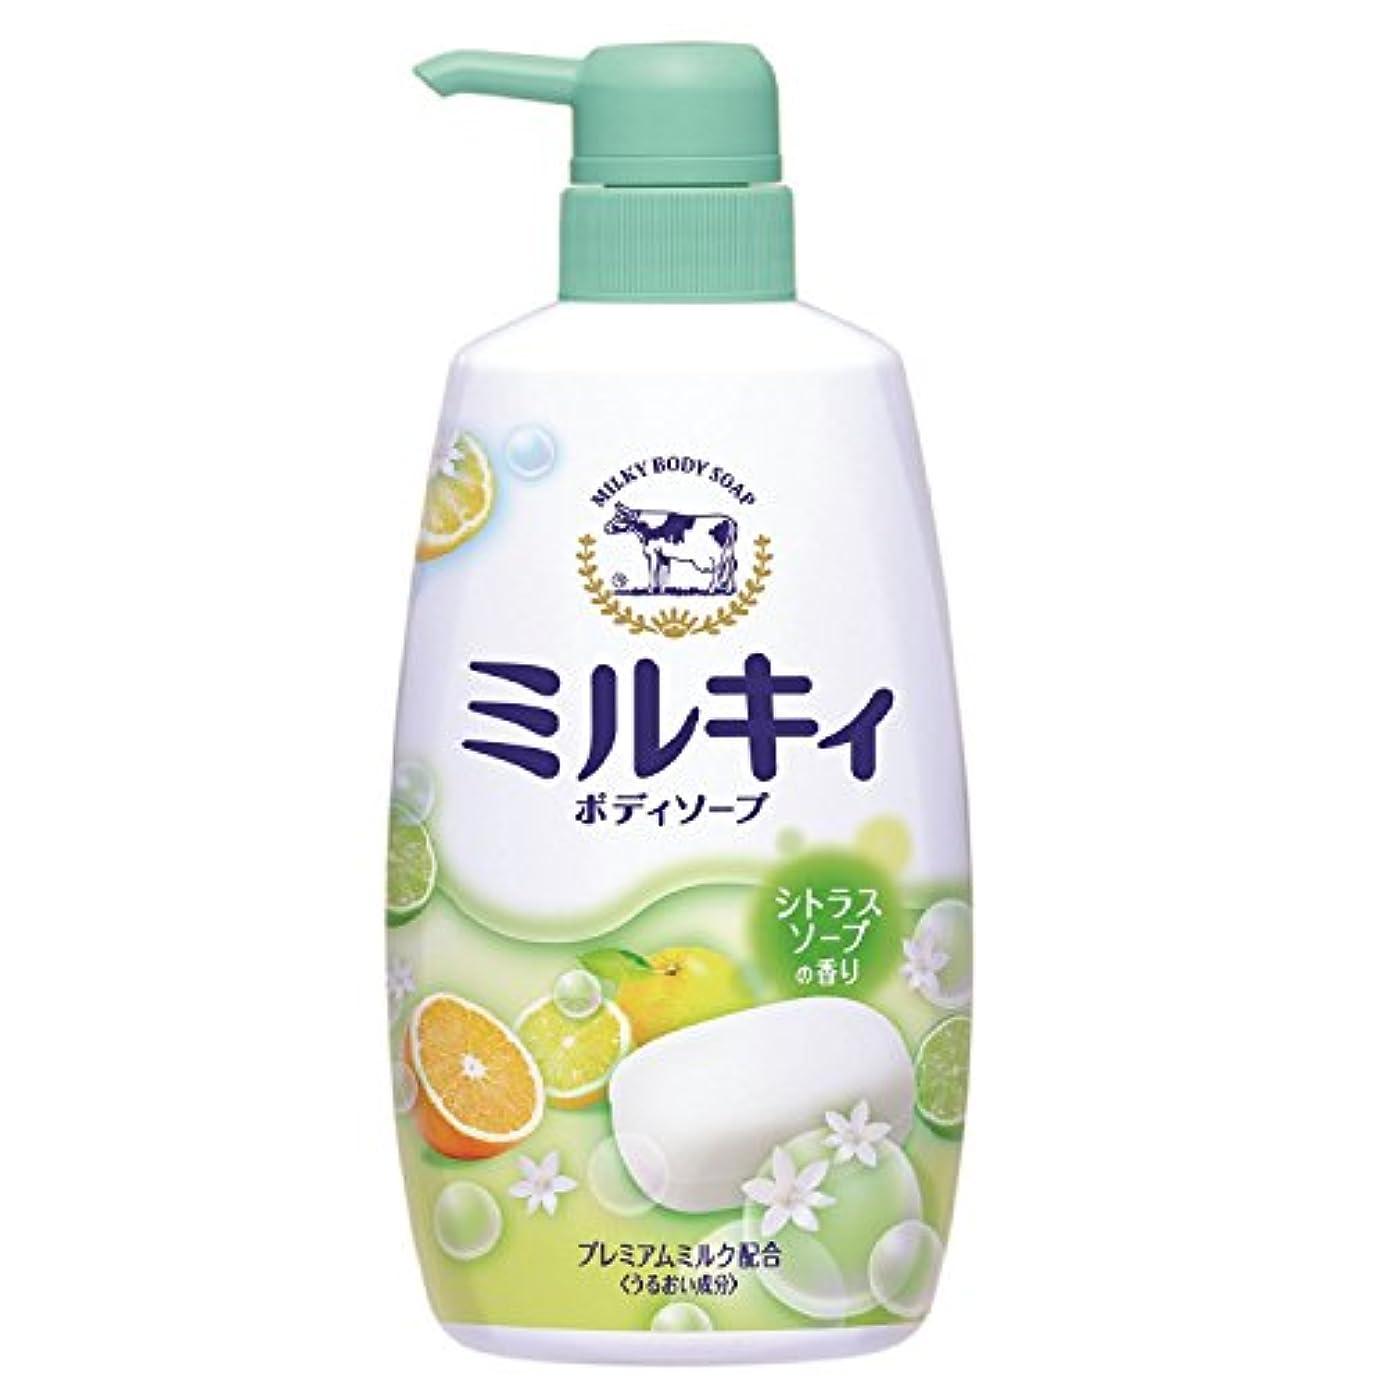 効果細胞保証金ミルキィボディソープシトラスソープの香り ポンプ  550mL